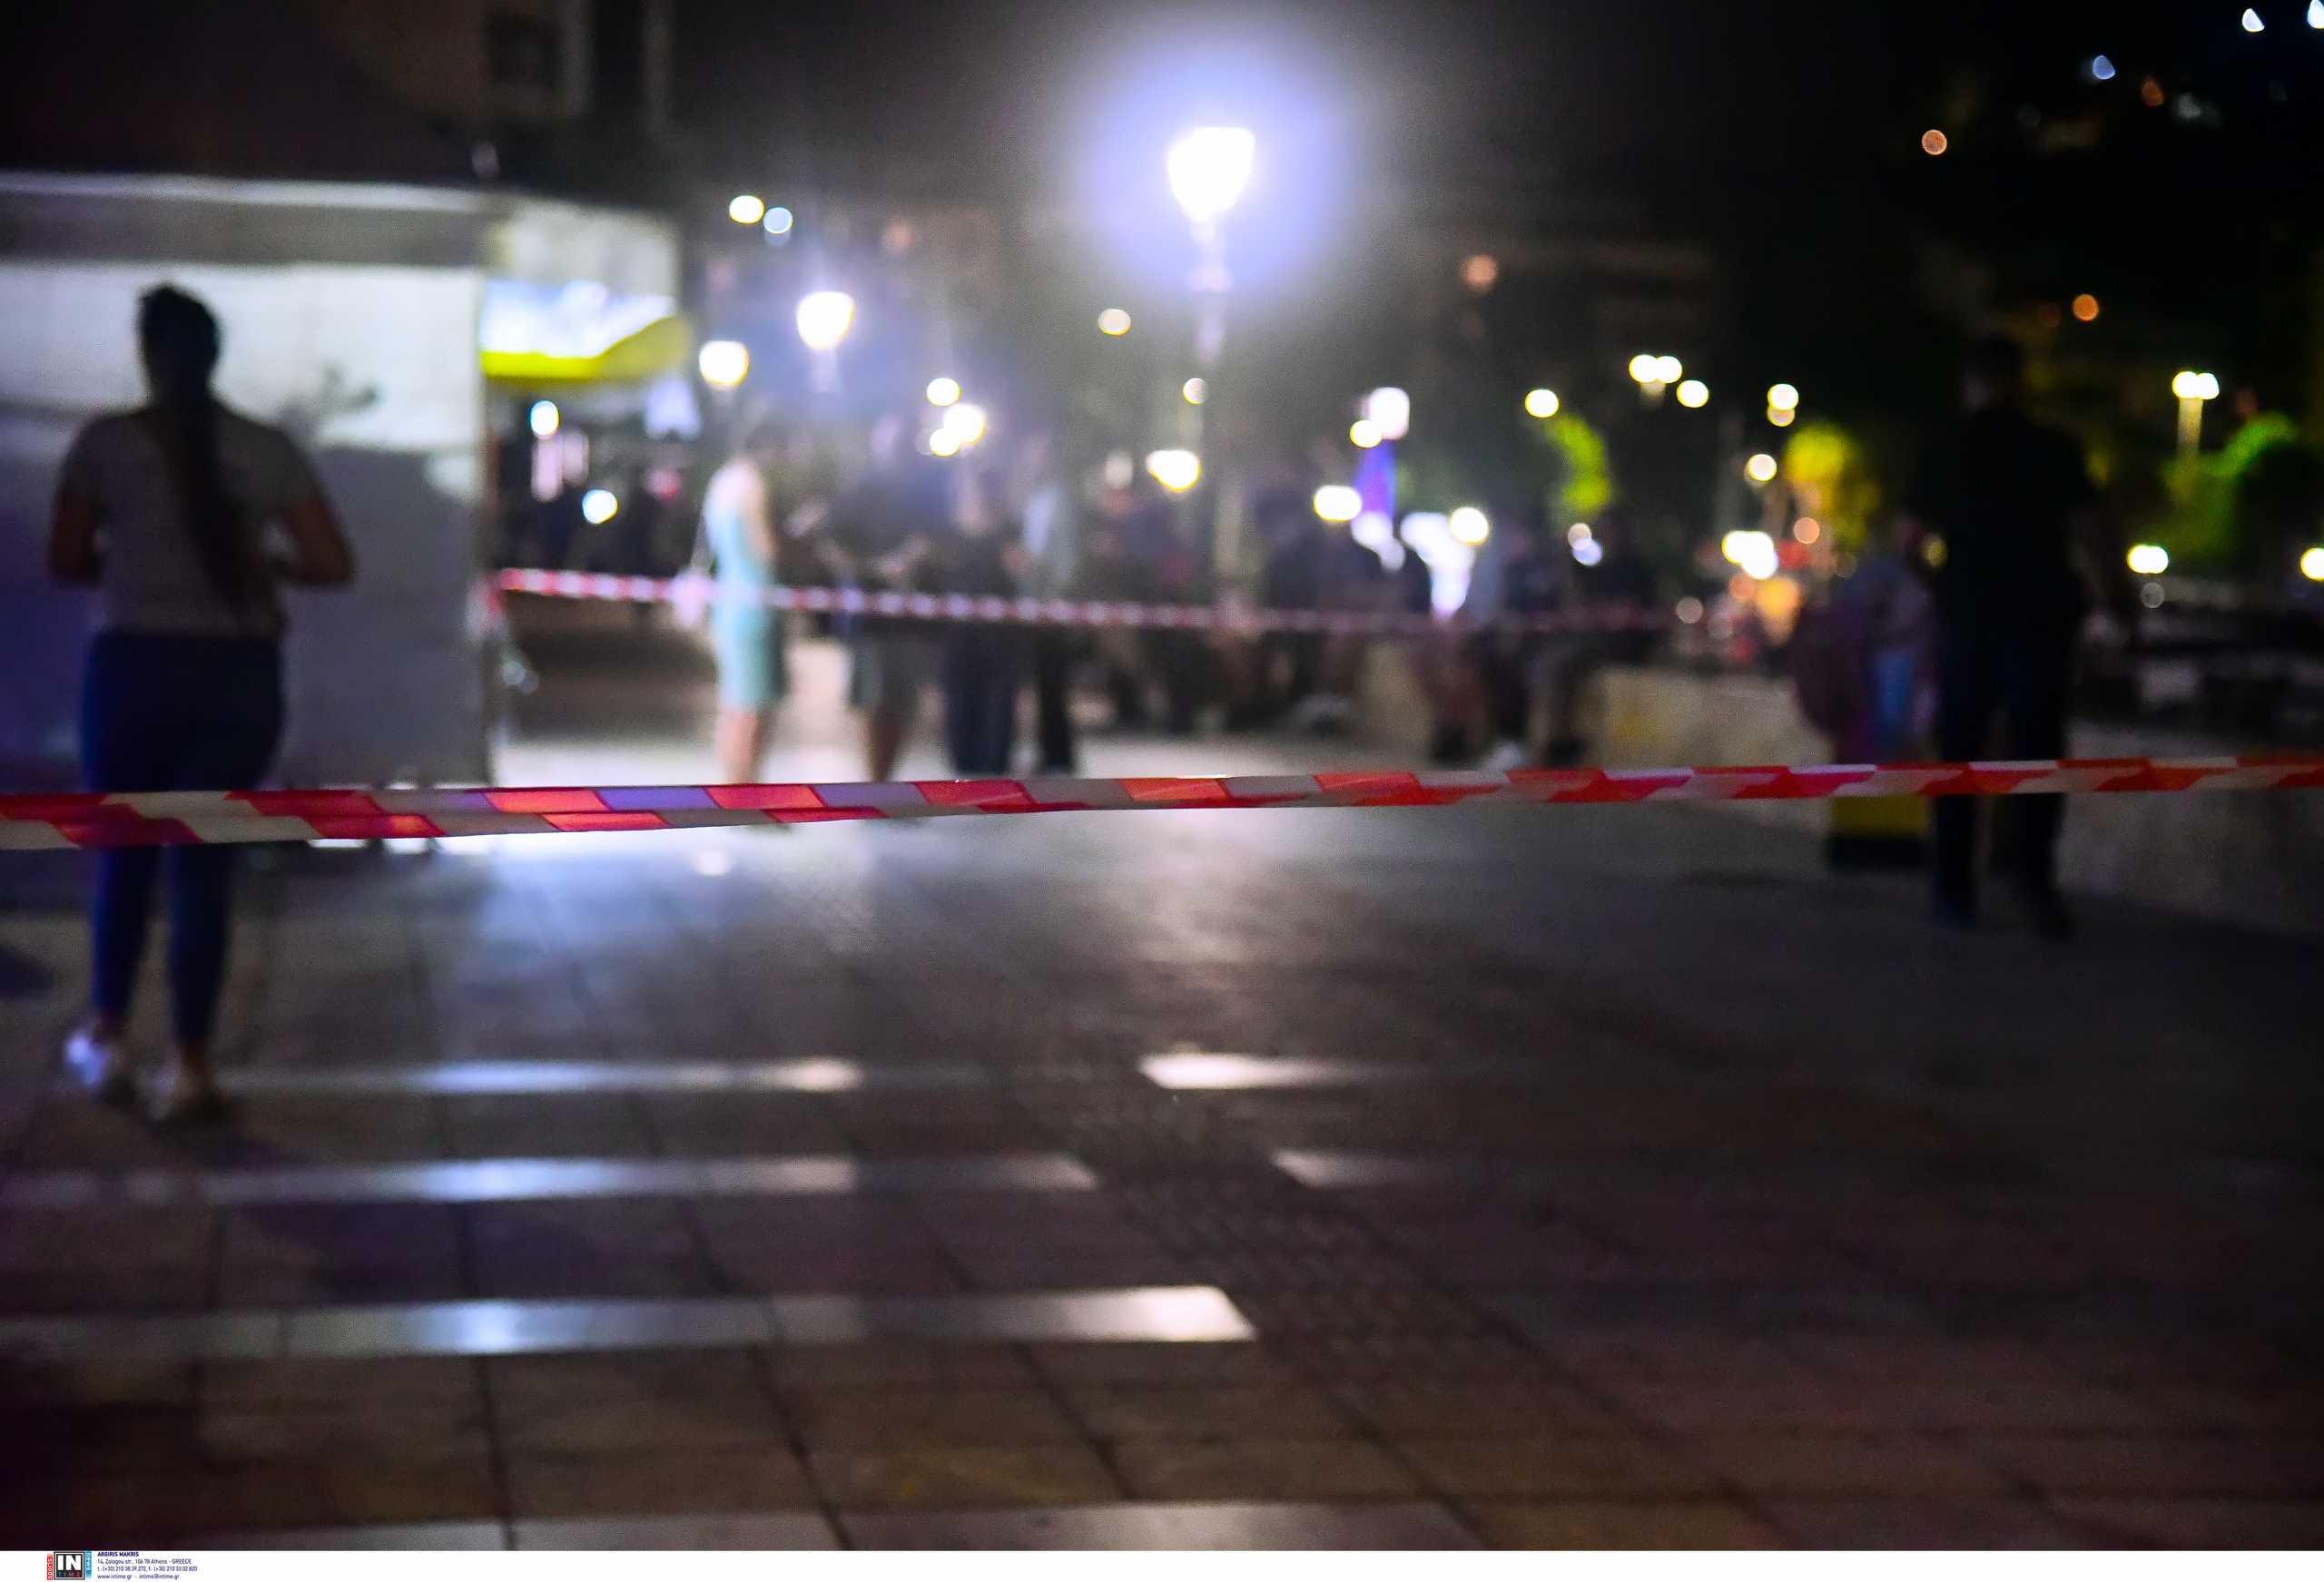 Πειραιάς: Πυροβολισμοί στο Πασαλιμάνι με δύο τραυματίες